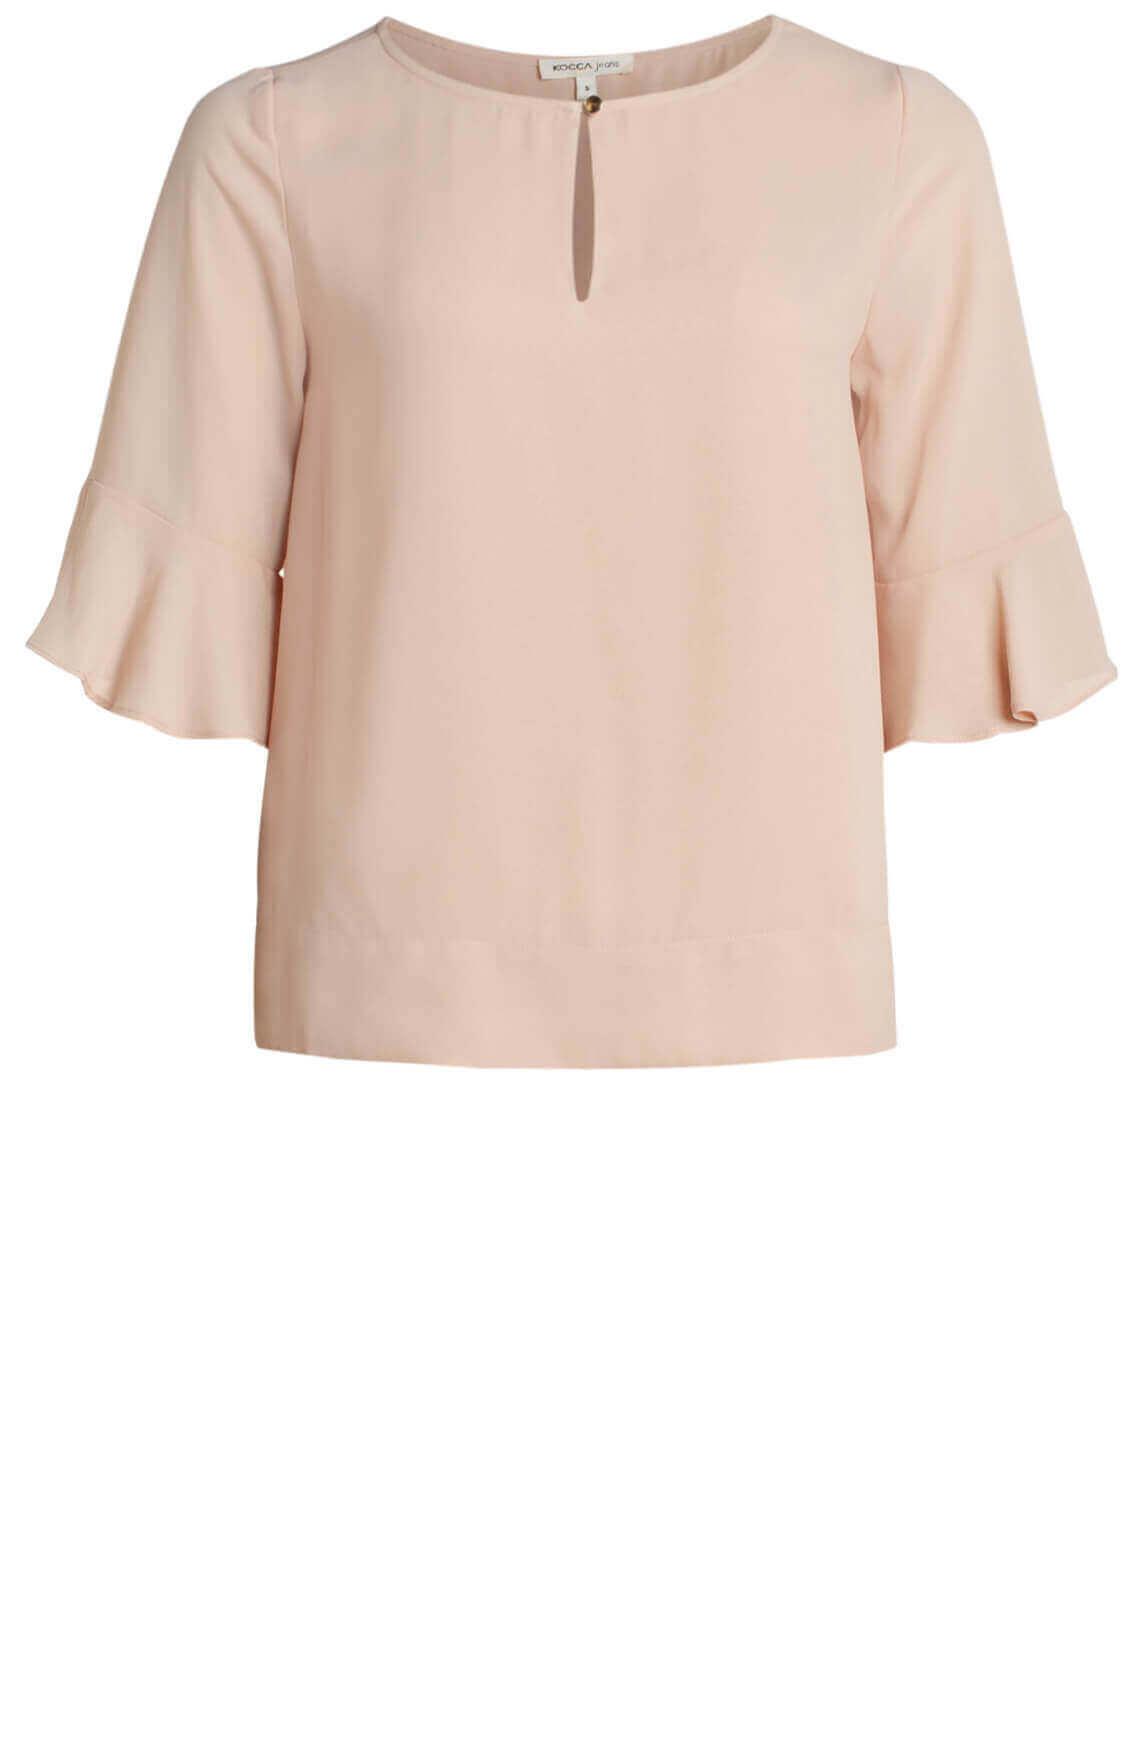 Kocca Dames Plan blouse roze